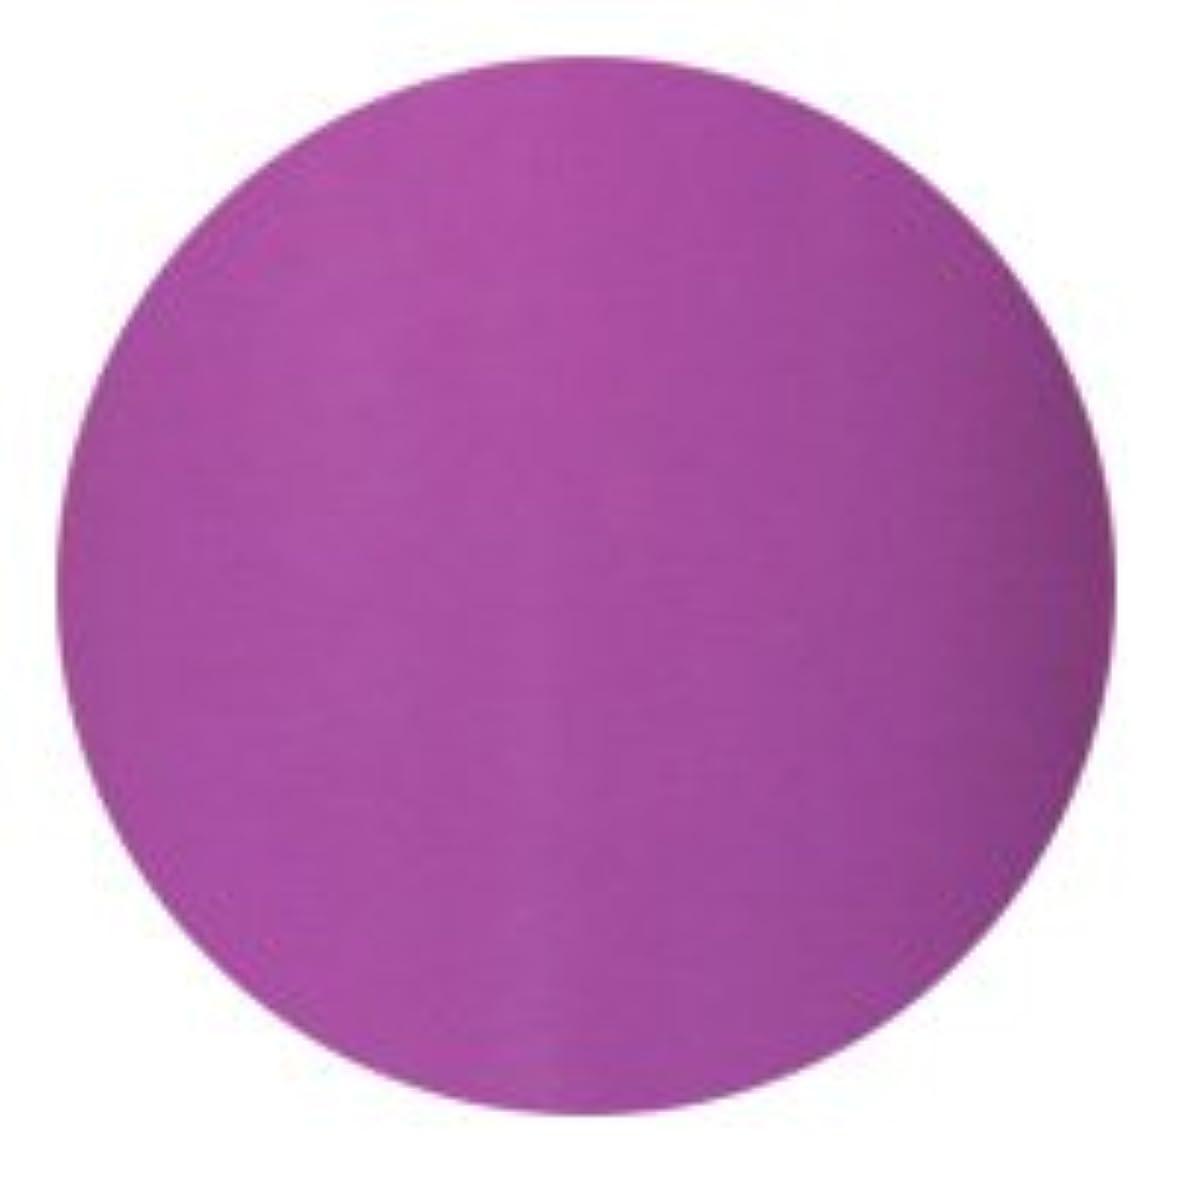 受ける苦いスノーケル★AKZENTZ(アクセンツ) UV/LED オプションズ 4g<BR>073 マジェスティックバイオレット